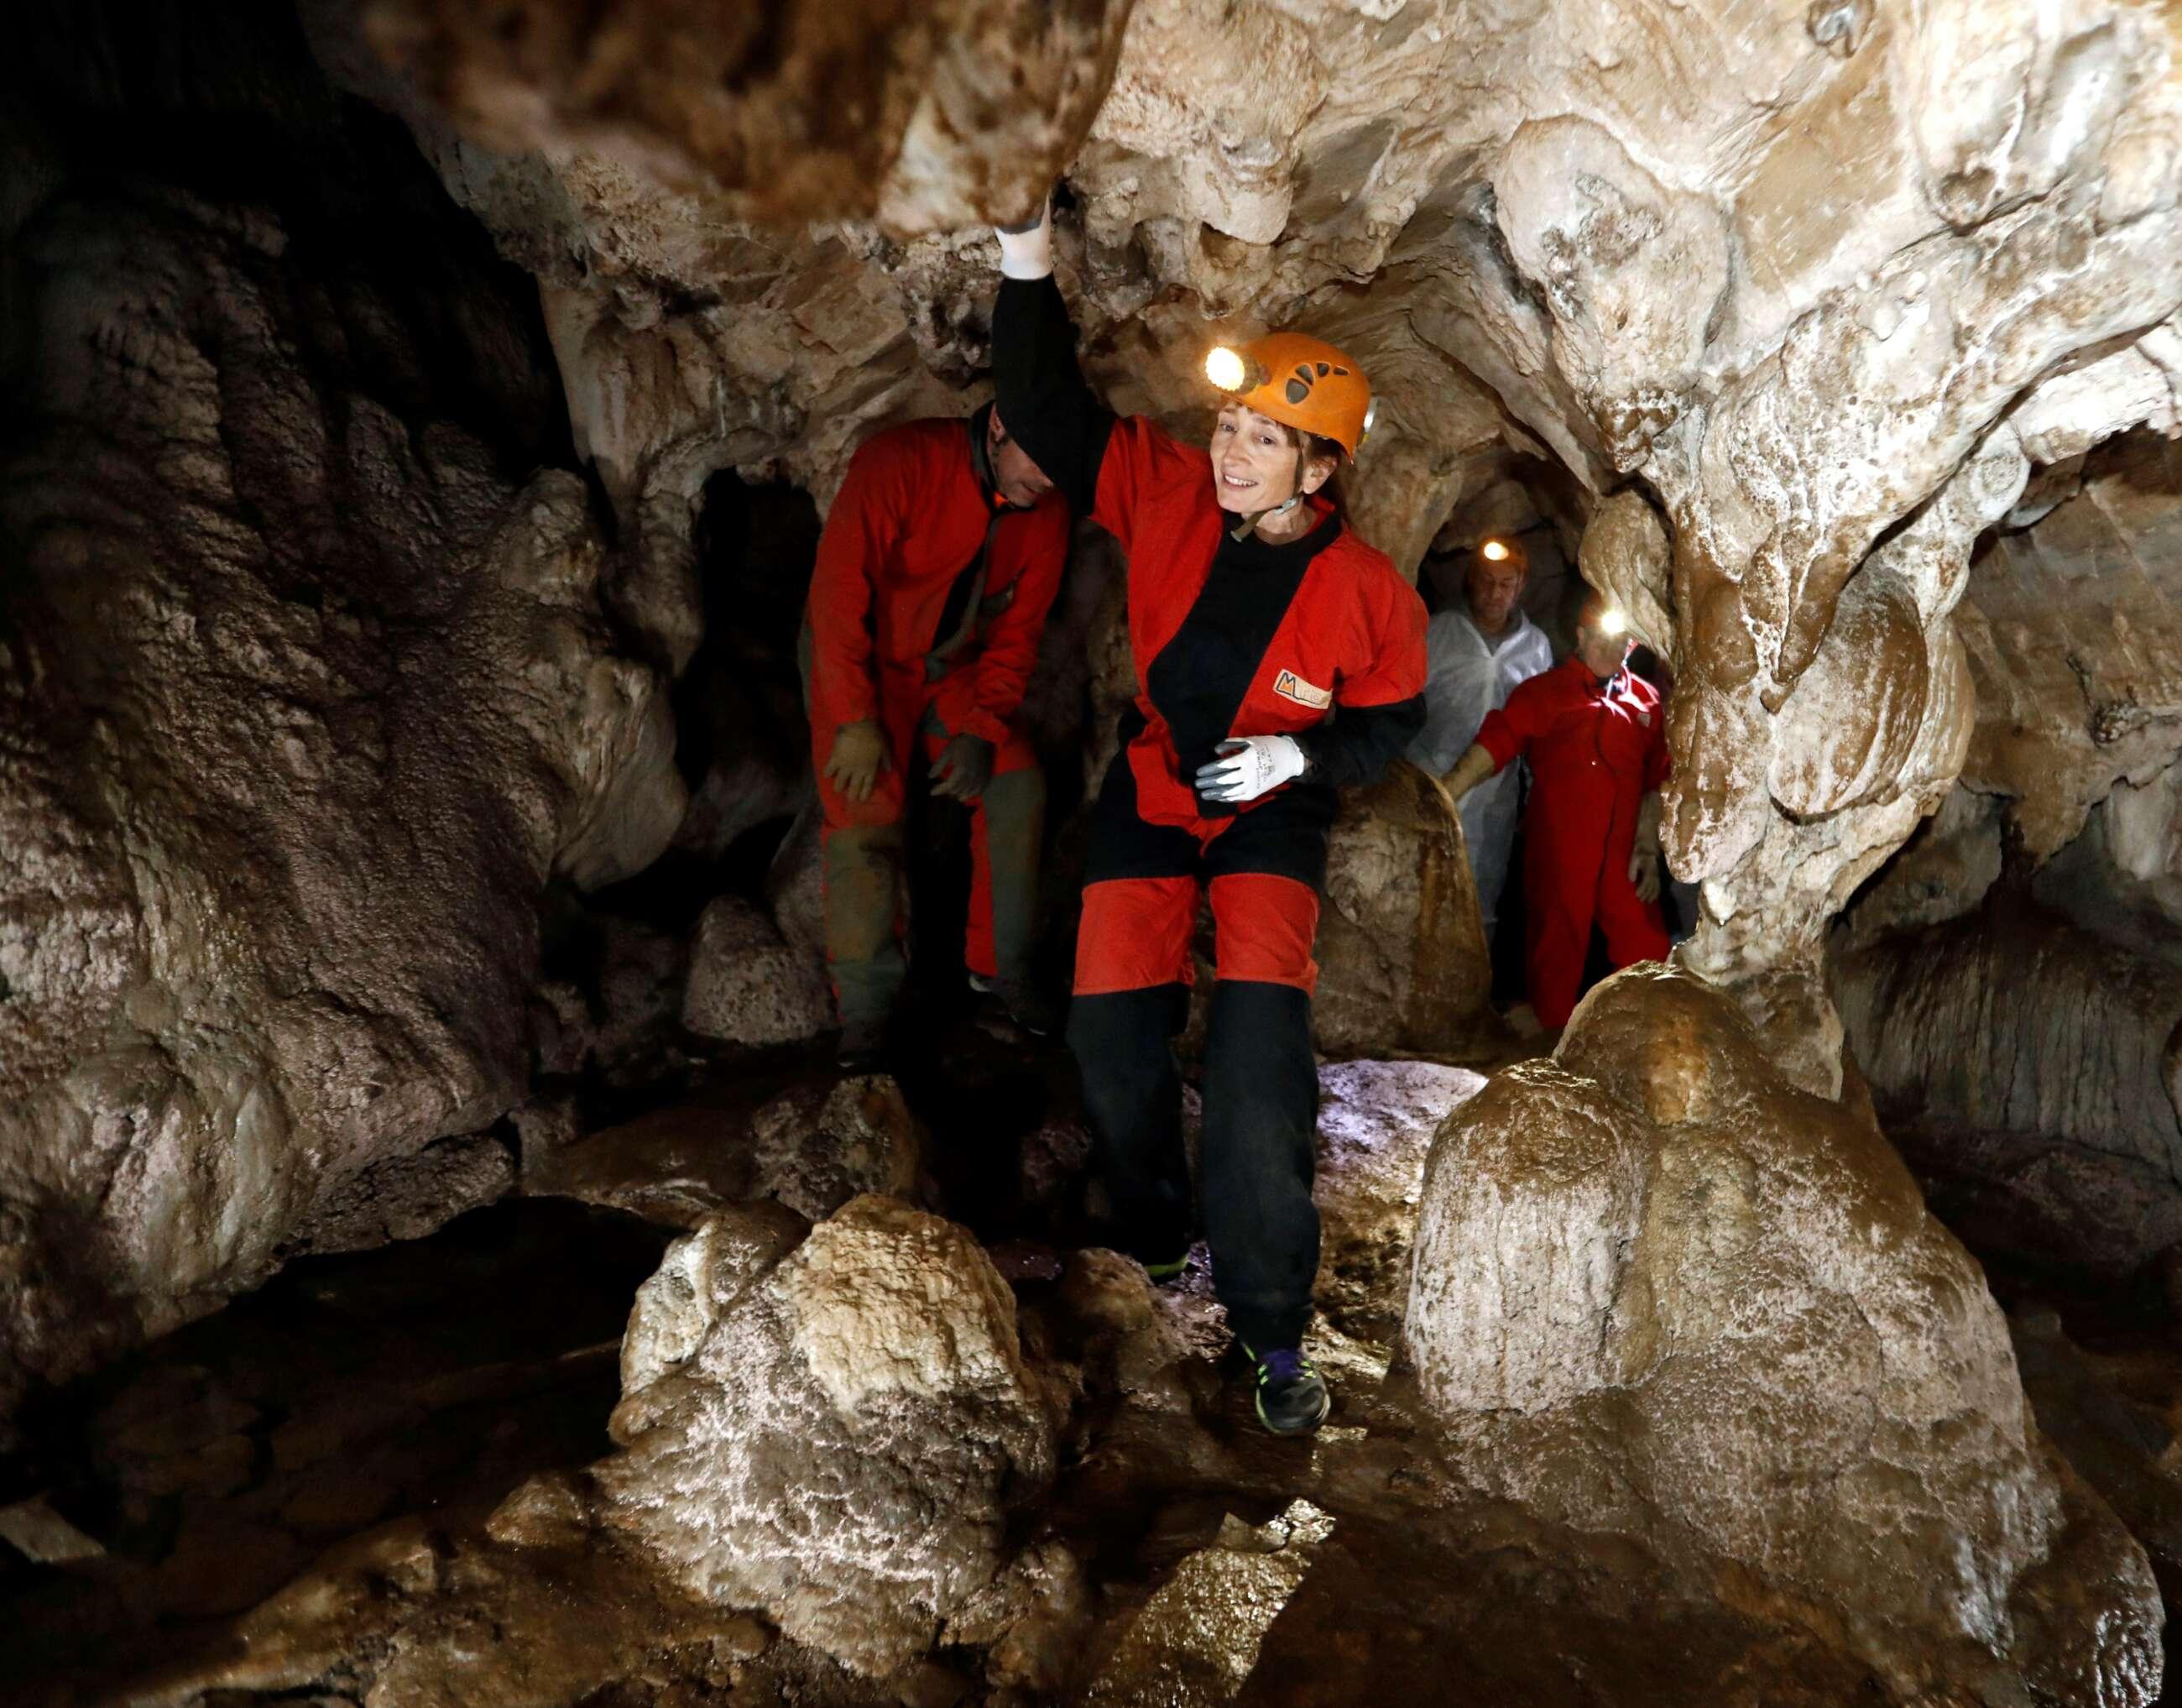 Las 5 mejores cuevas para visitar con niños en Galicia